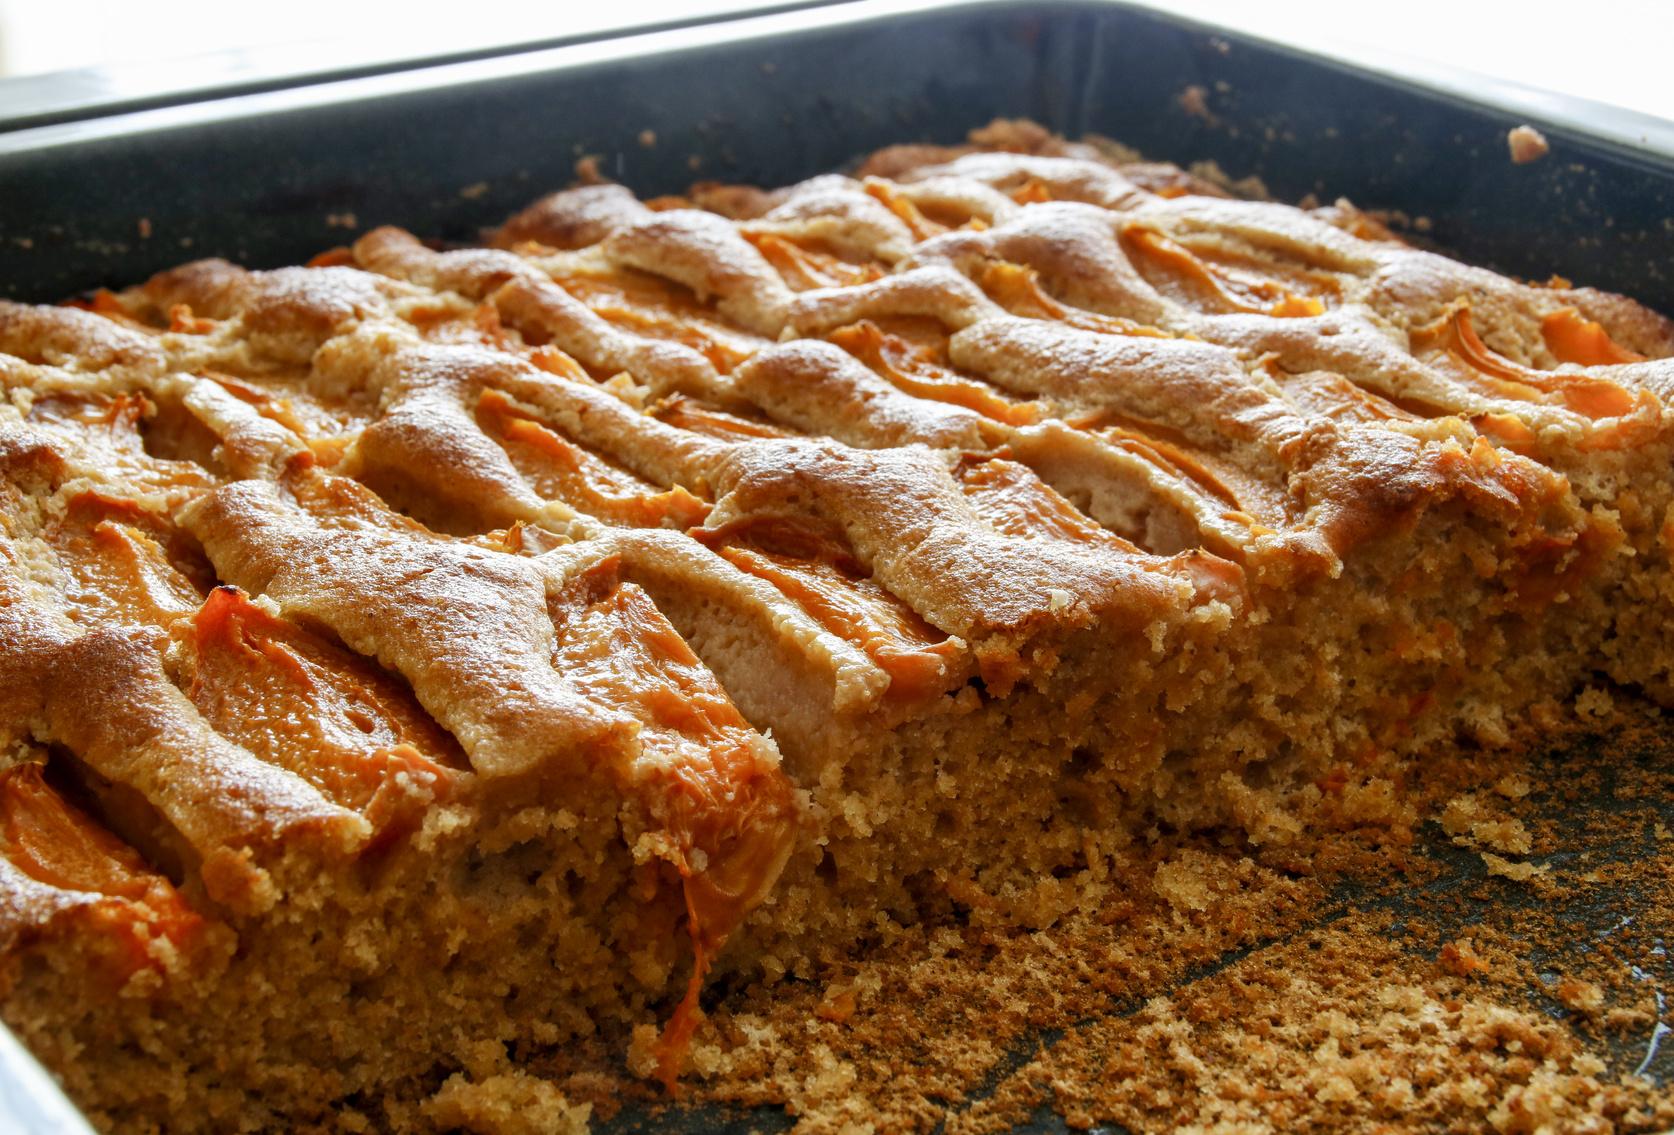 Marillen-Haselnuss-Kuchen / herrlich erfrischend und saftig / Rauchmühle / Rauchmehl